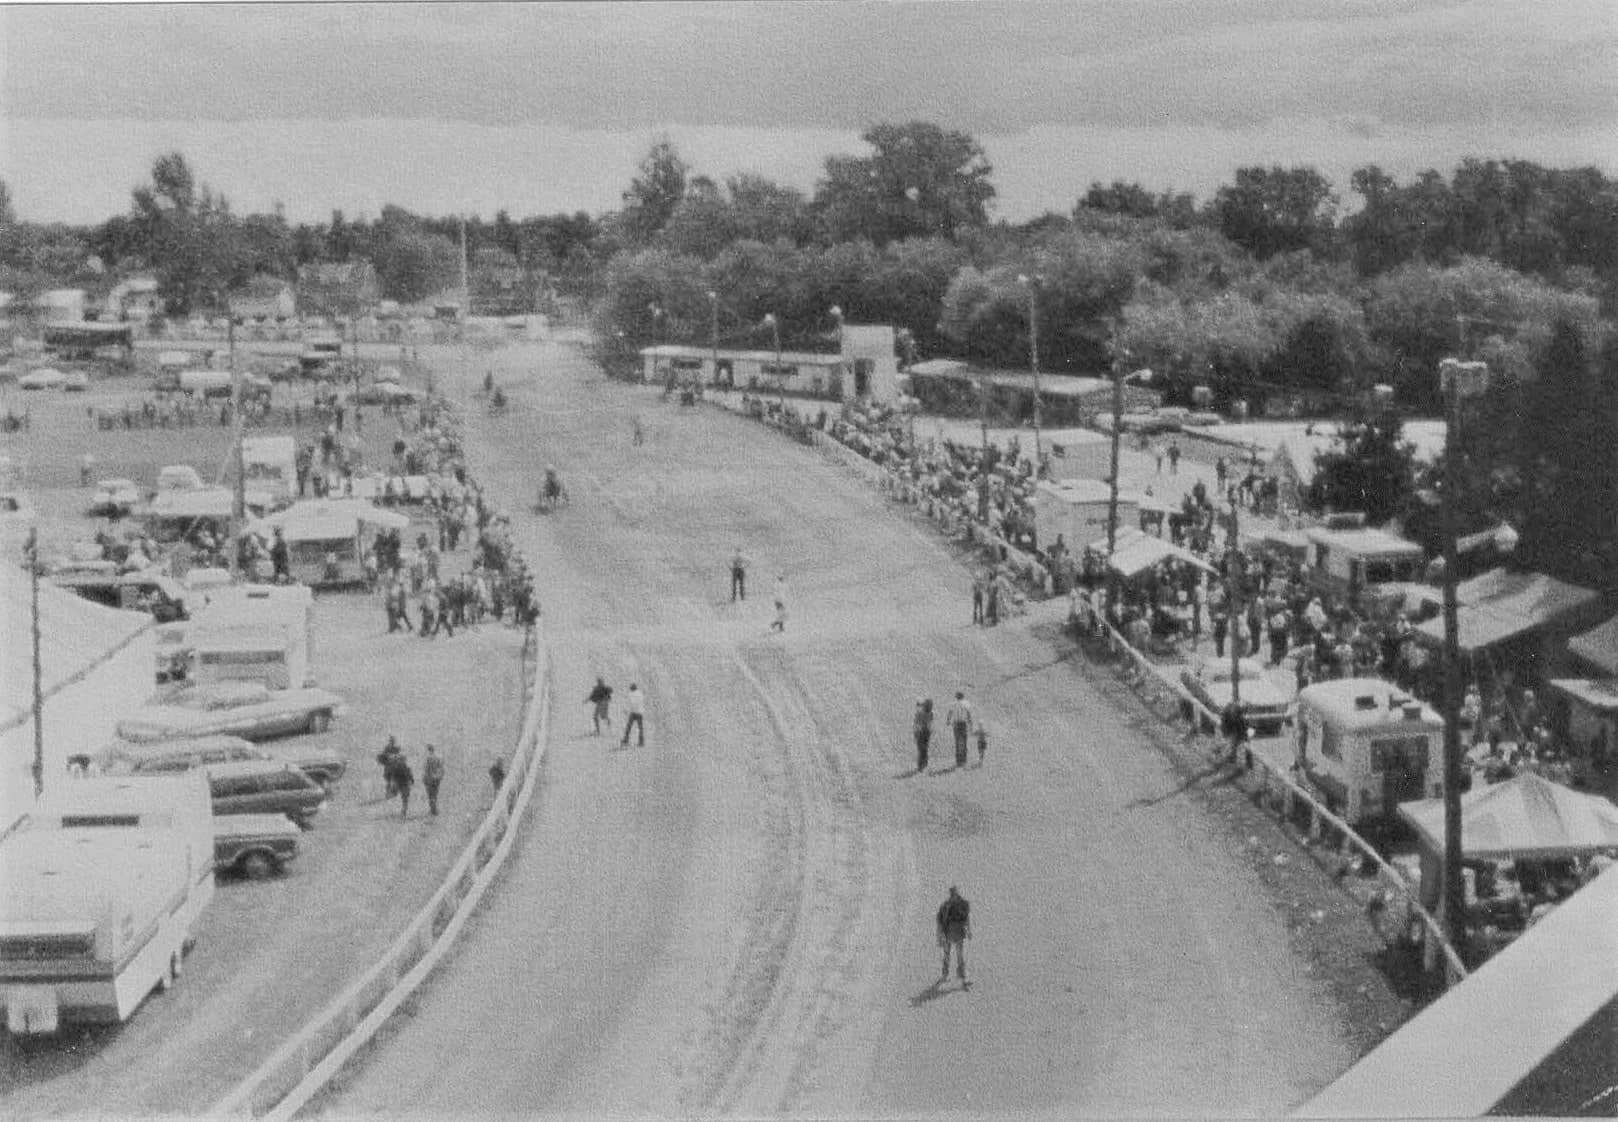 20200908-Orono Fair grounds 1977s